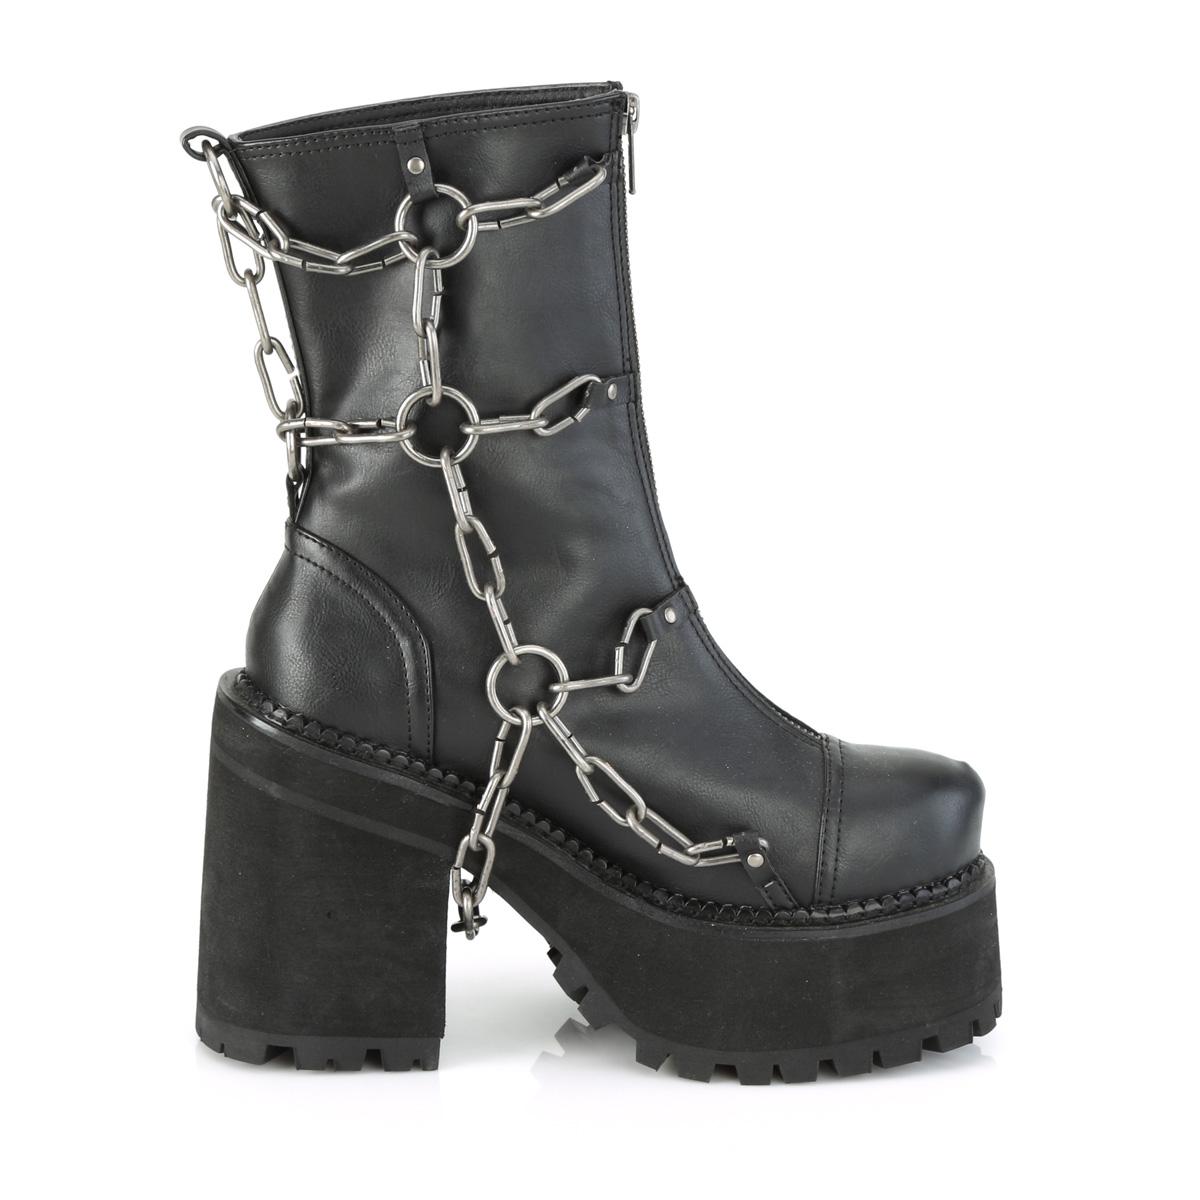 Demonia(デモニア) ASSAULT-66 メタルケージチェーン フロントジッパーアンクルブーツ つや消し黒◆取り寄せ